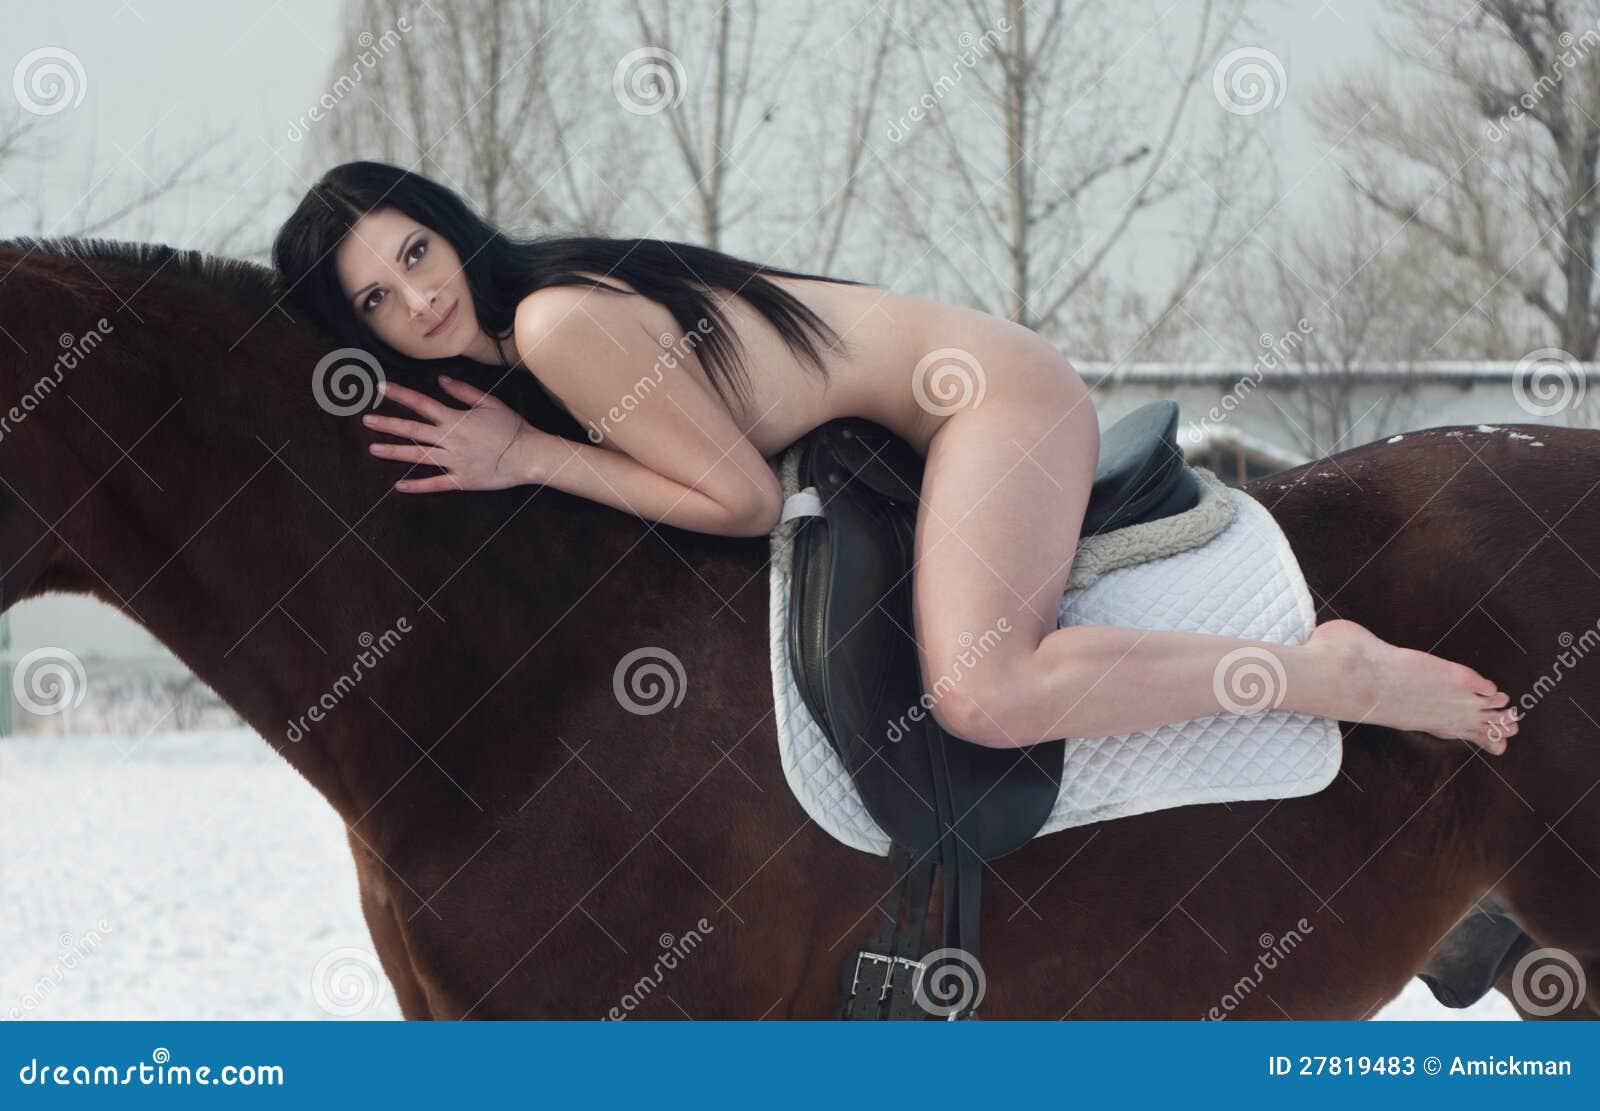 Filmy seks z koniem  bestialstwo amatorskich Klub zoofilia